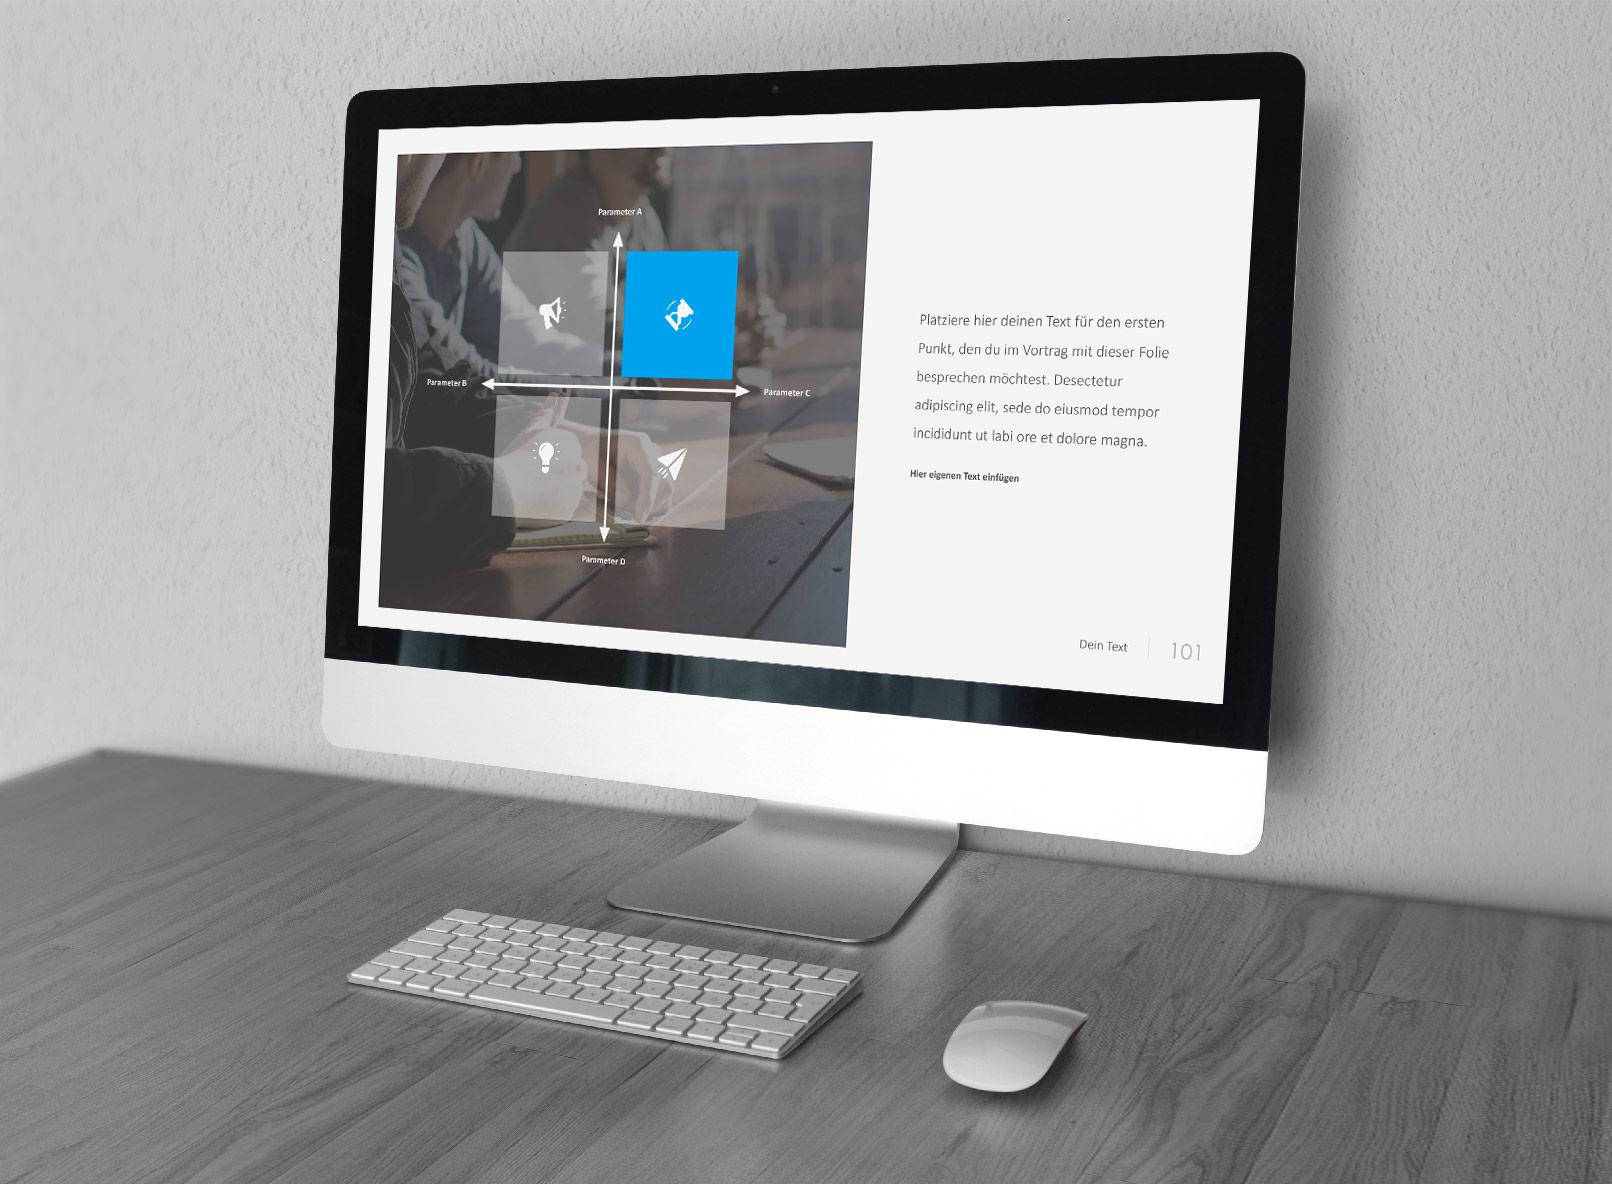 Folien-Vorlage für Google Slides, dargestellt auf einem Monitor